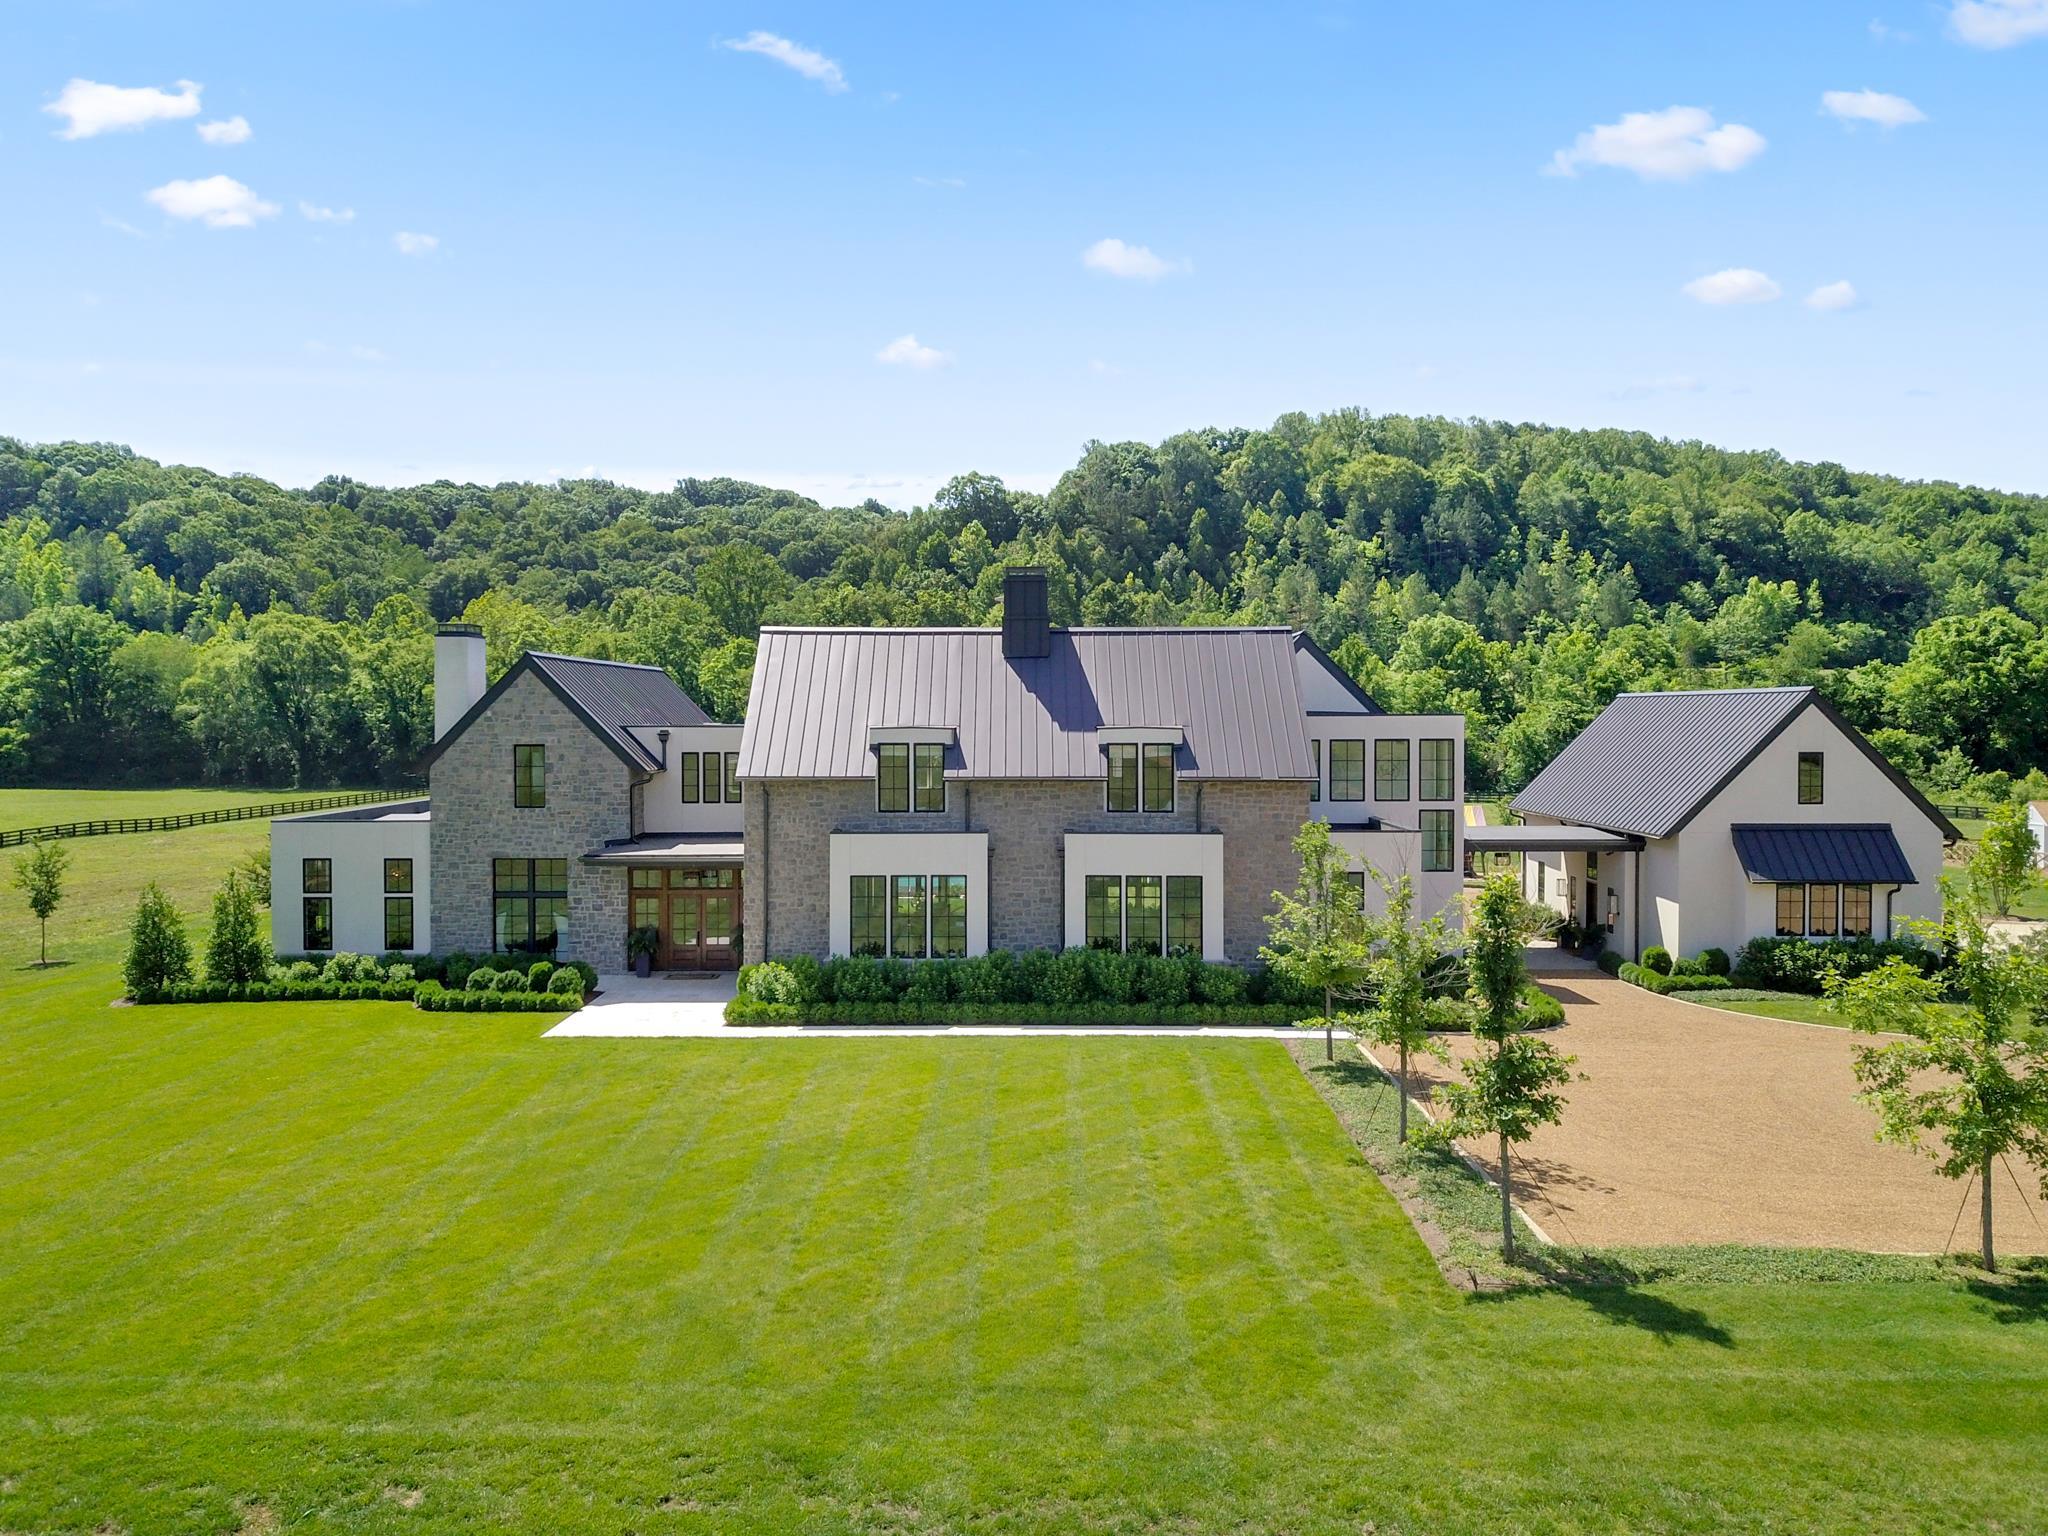 5747 Garrison Rd, Franklin, TN 37064 - Franklin, TN real estate listing